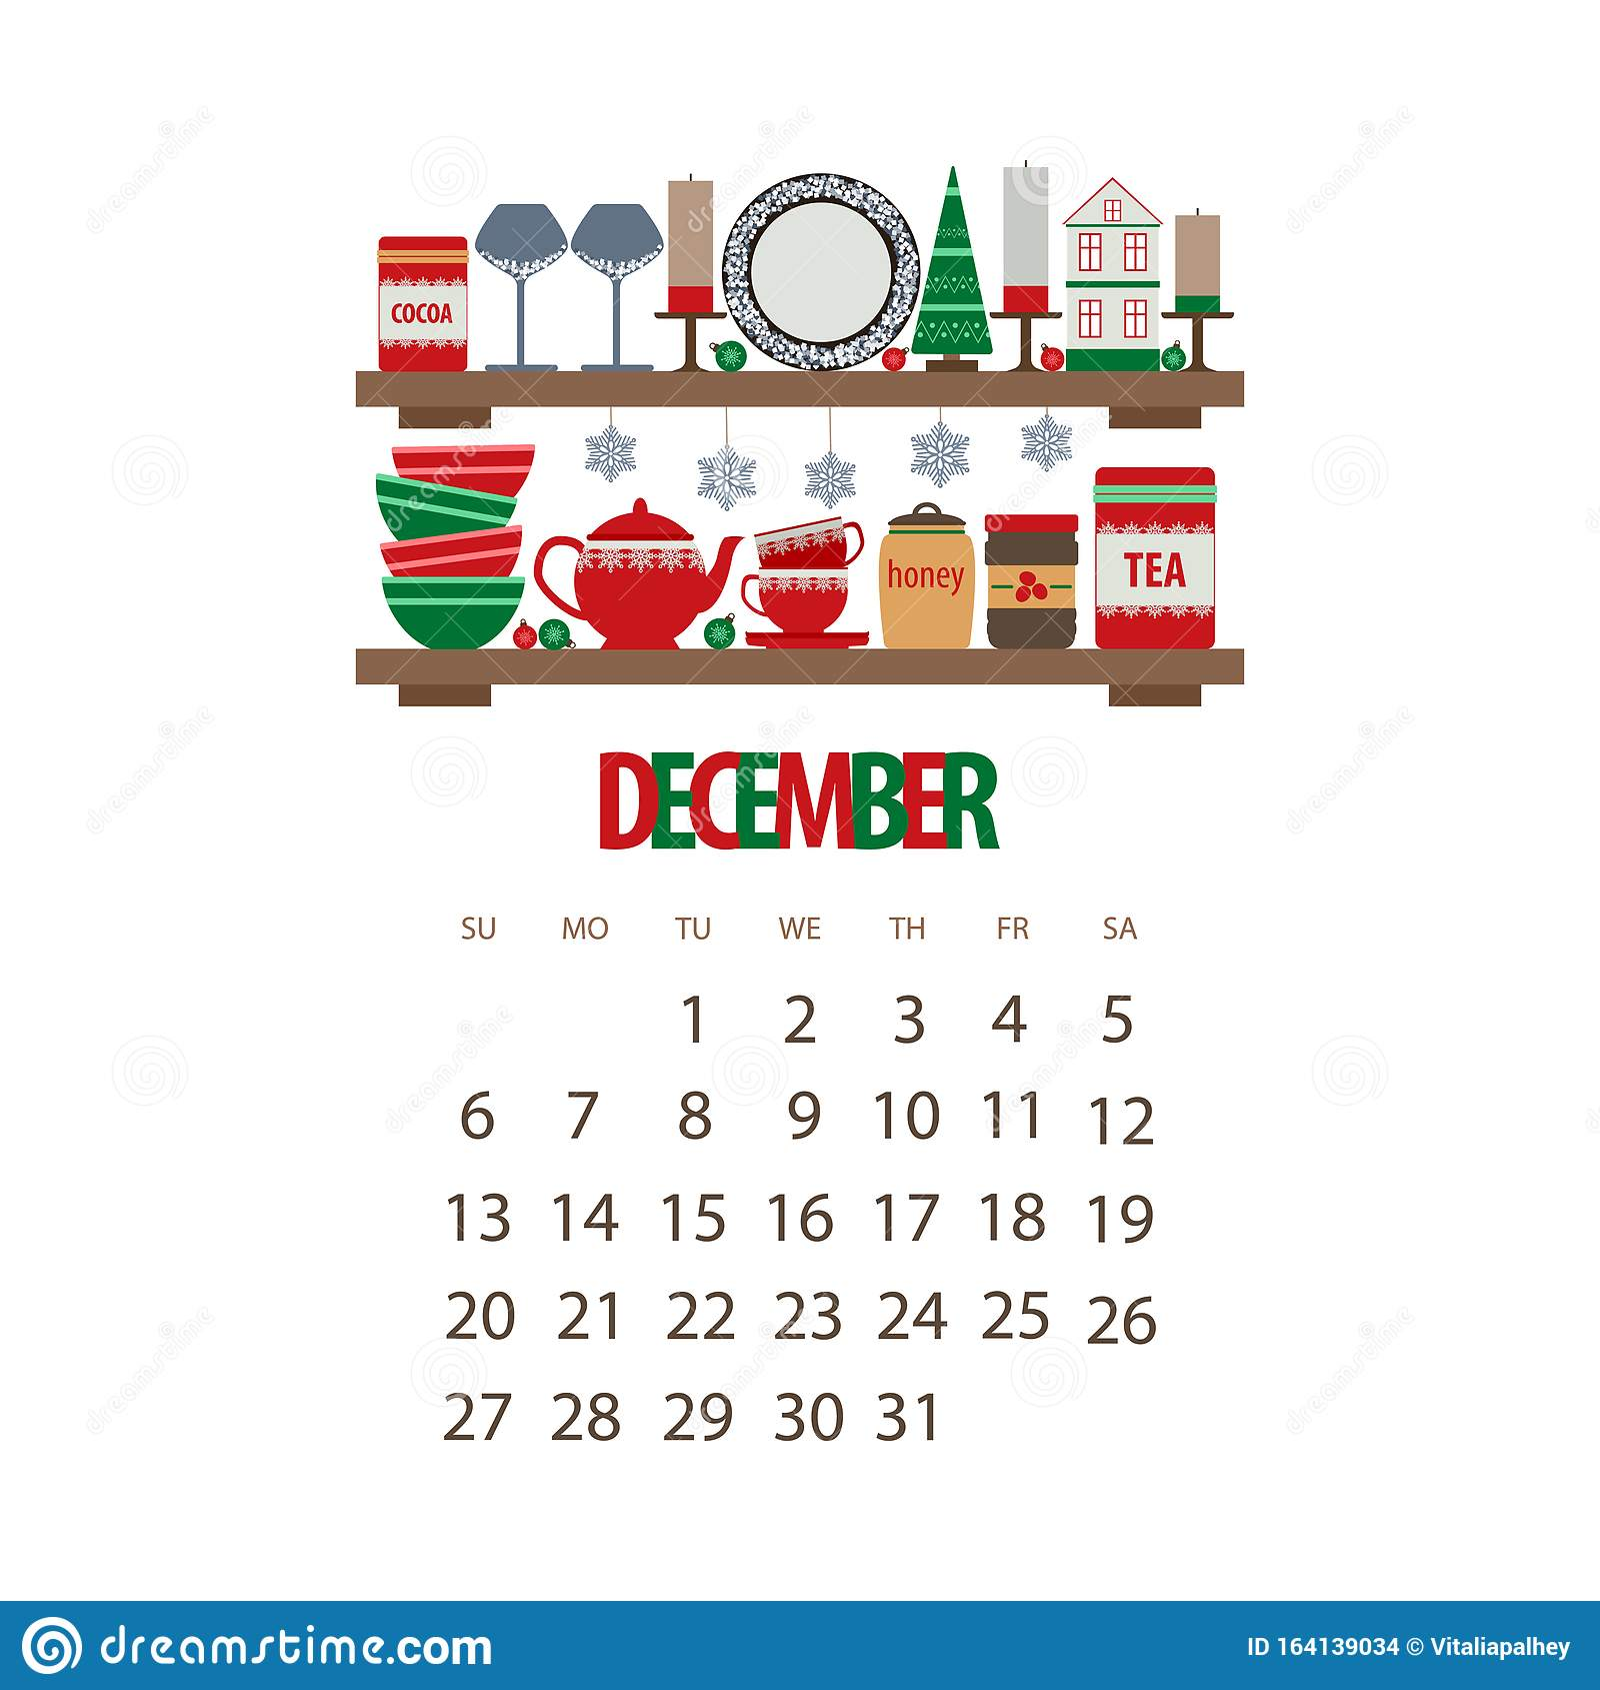 December Christmas Calendar 2020 December Winter Month 2020 Calendar, Kitchen Shelf With Utensils